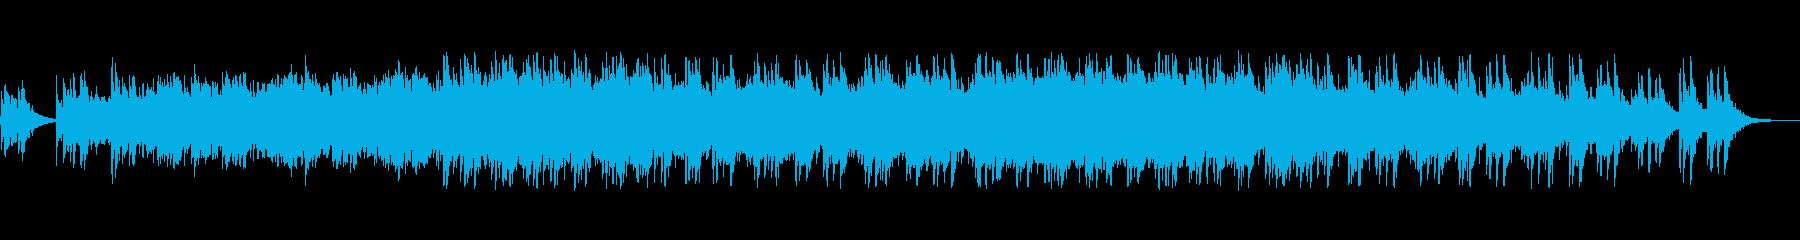 透明感あって音色が綺麗なメロディーの再生済みの波形